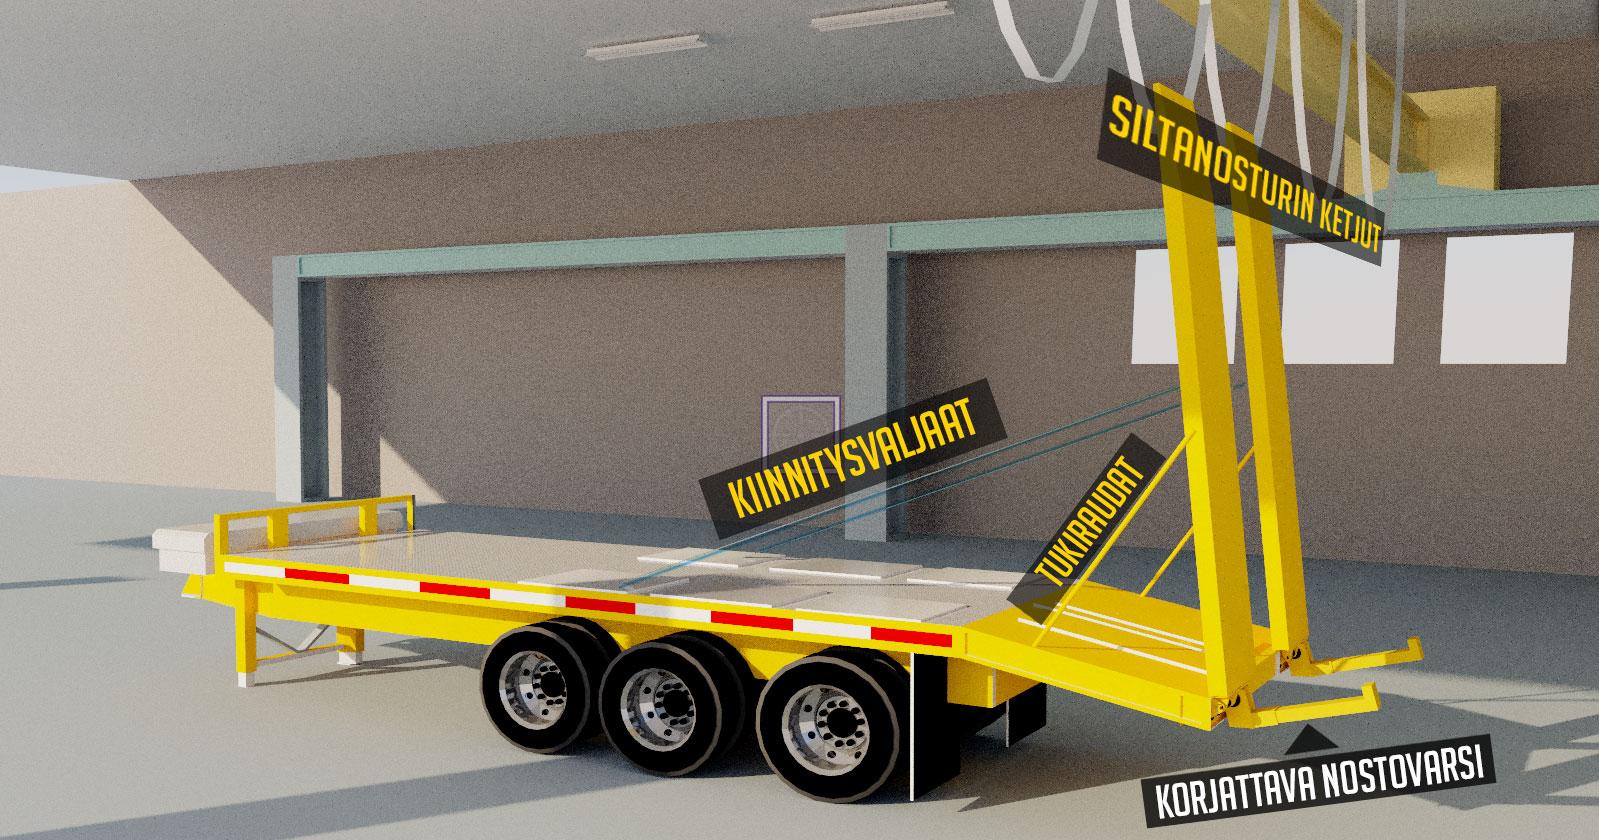 Kuva 1. Ajorampin tukemiseen oli käytettävissä useita eri vaihtoehtoja. Työpaikan ohjeistuksen mukaan ajoramppi on tuettava korjauksen ajaksi siltanosturiin. Kuvassa havainnollistettuna myös korjattavana ollut nostovarsi.